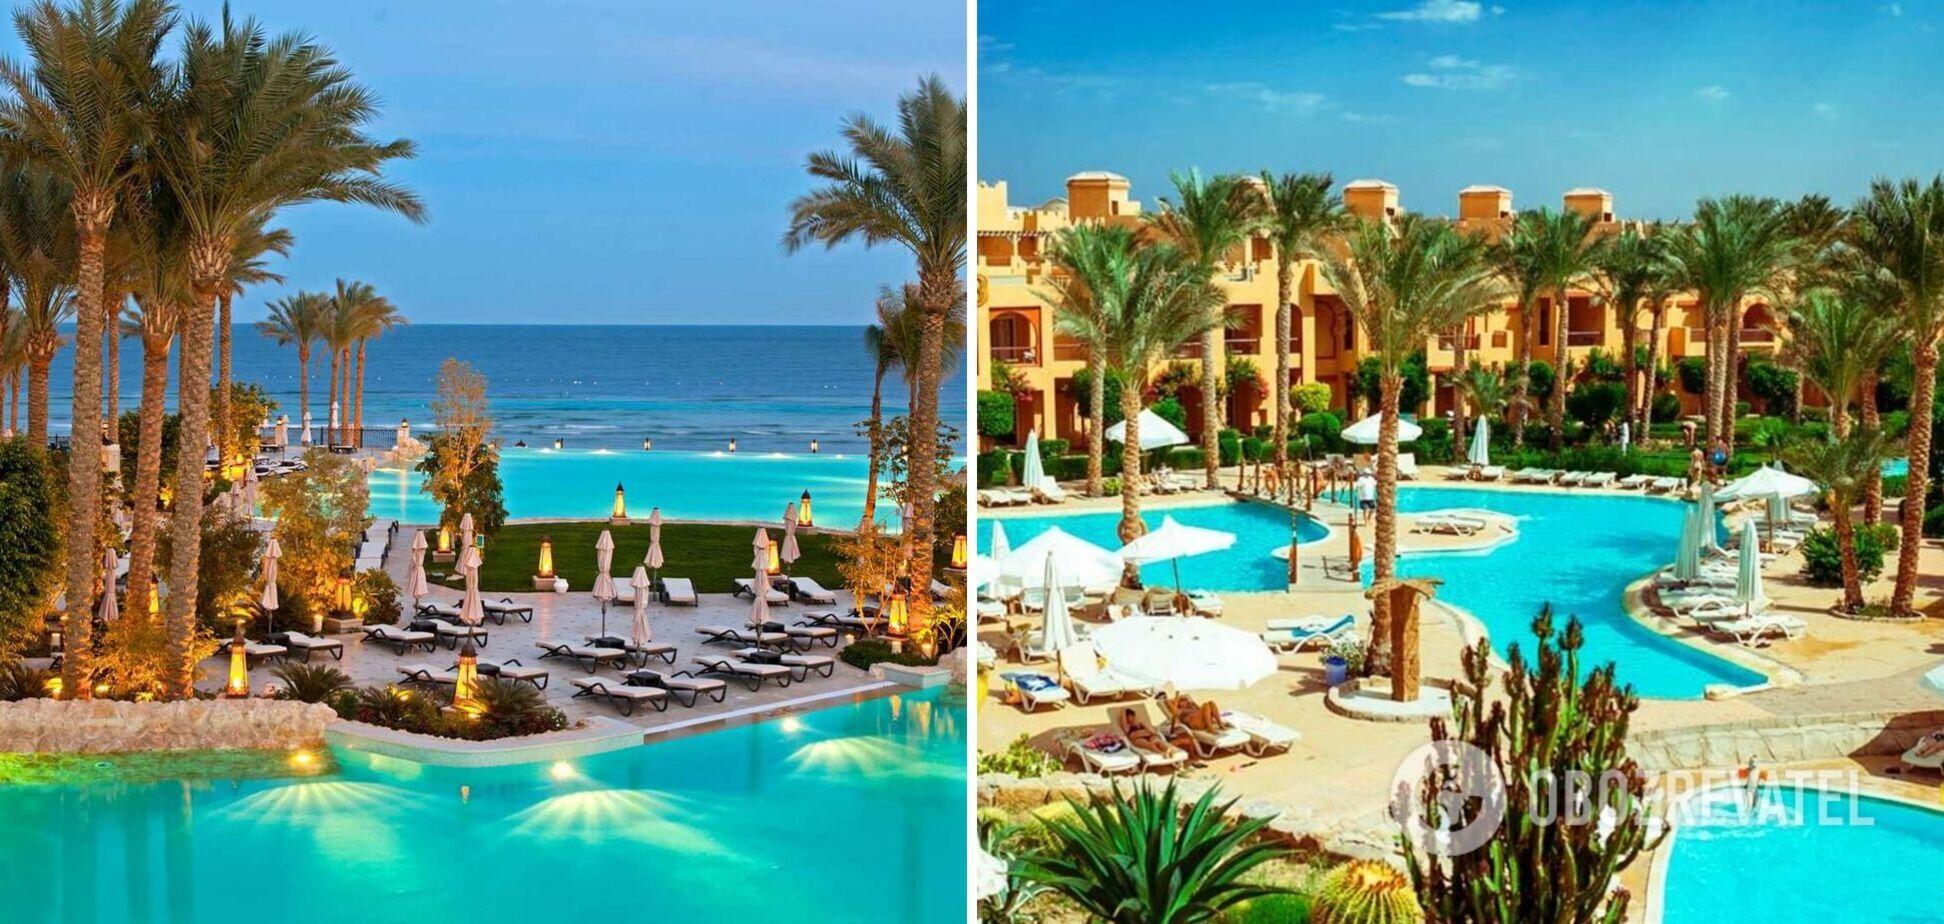 Египет вводит минимальные цены на размещение в отелях: сколько будет стоить проживание